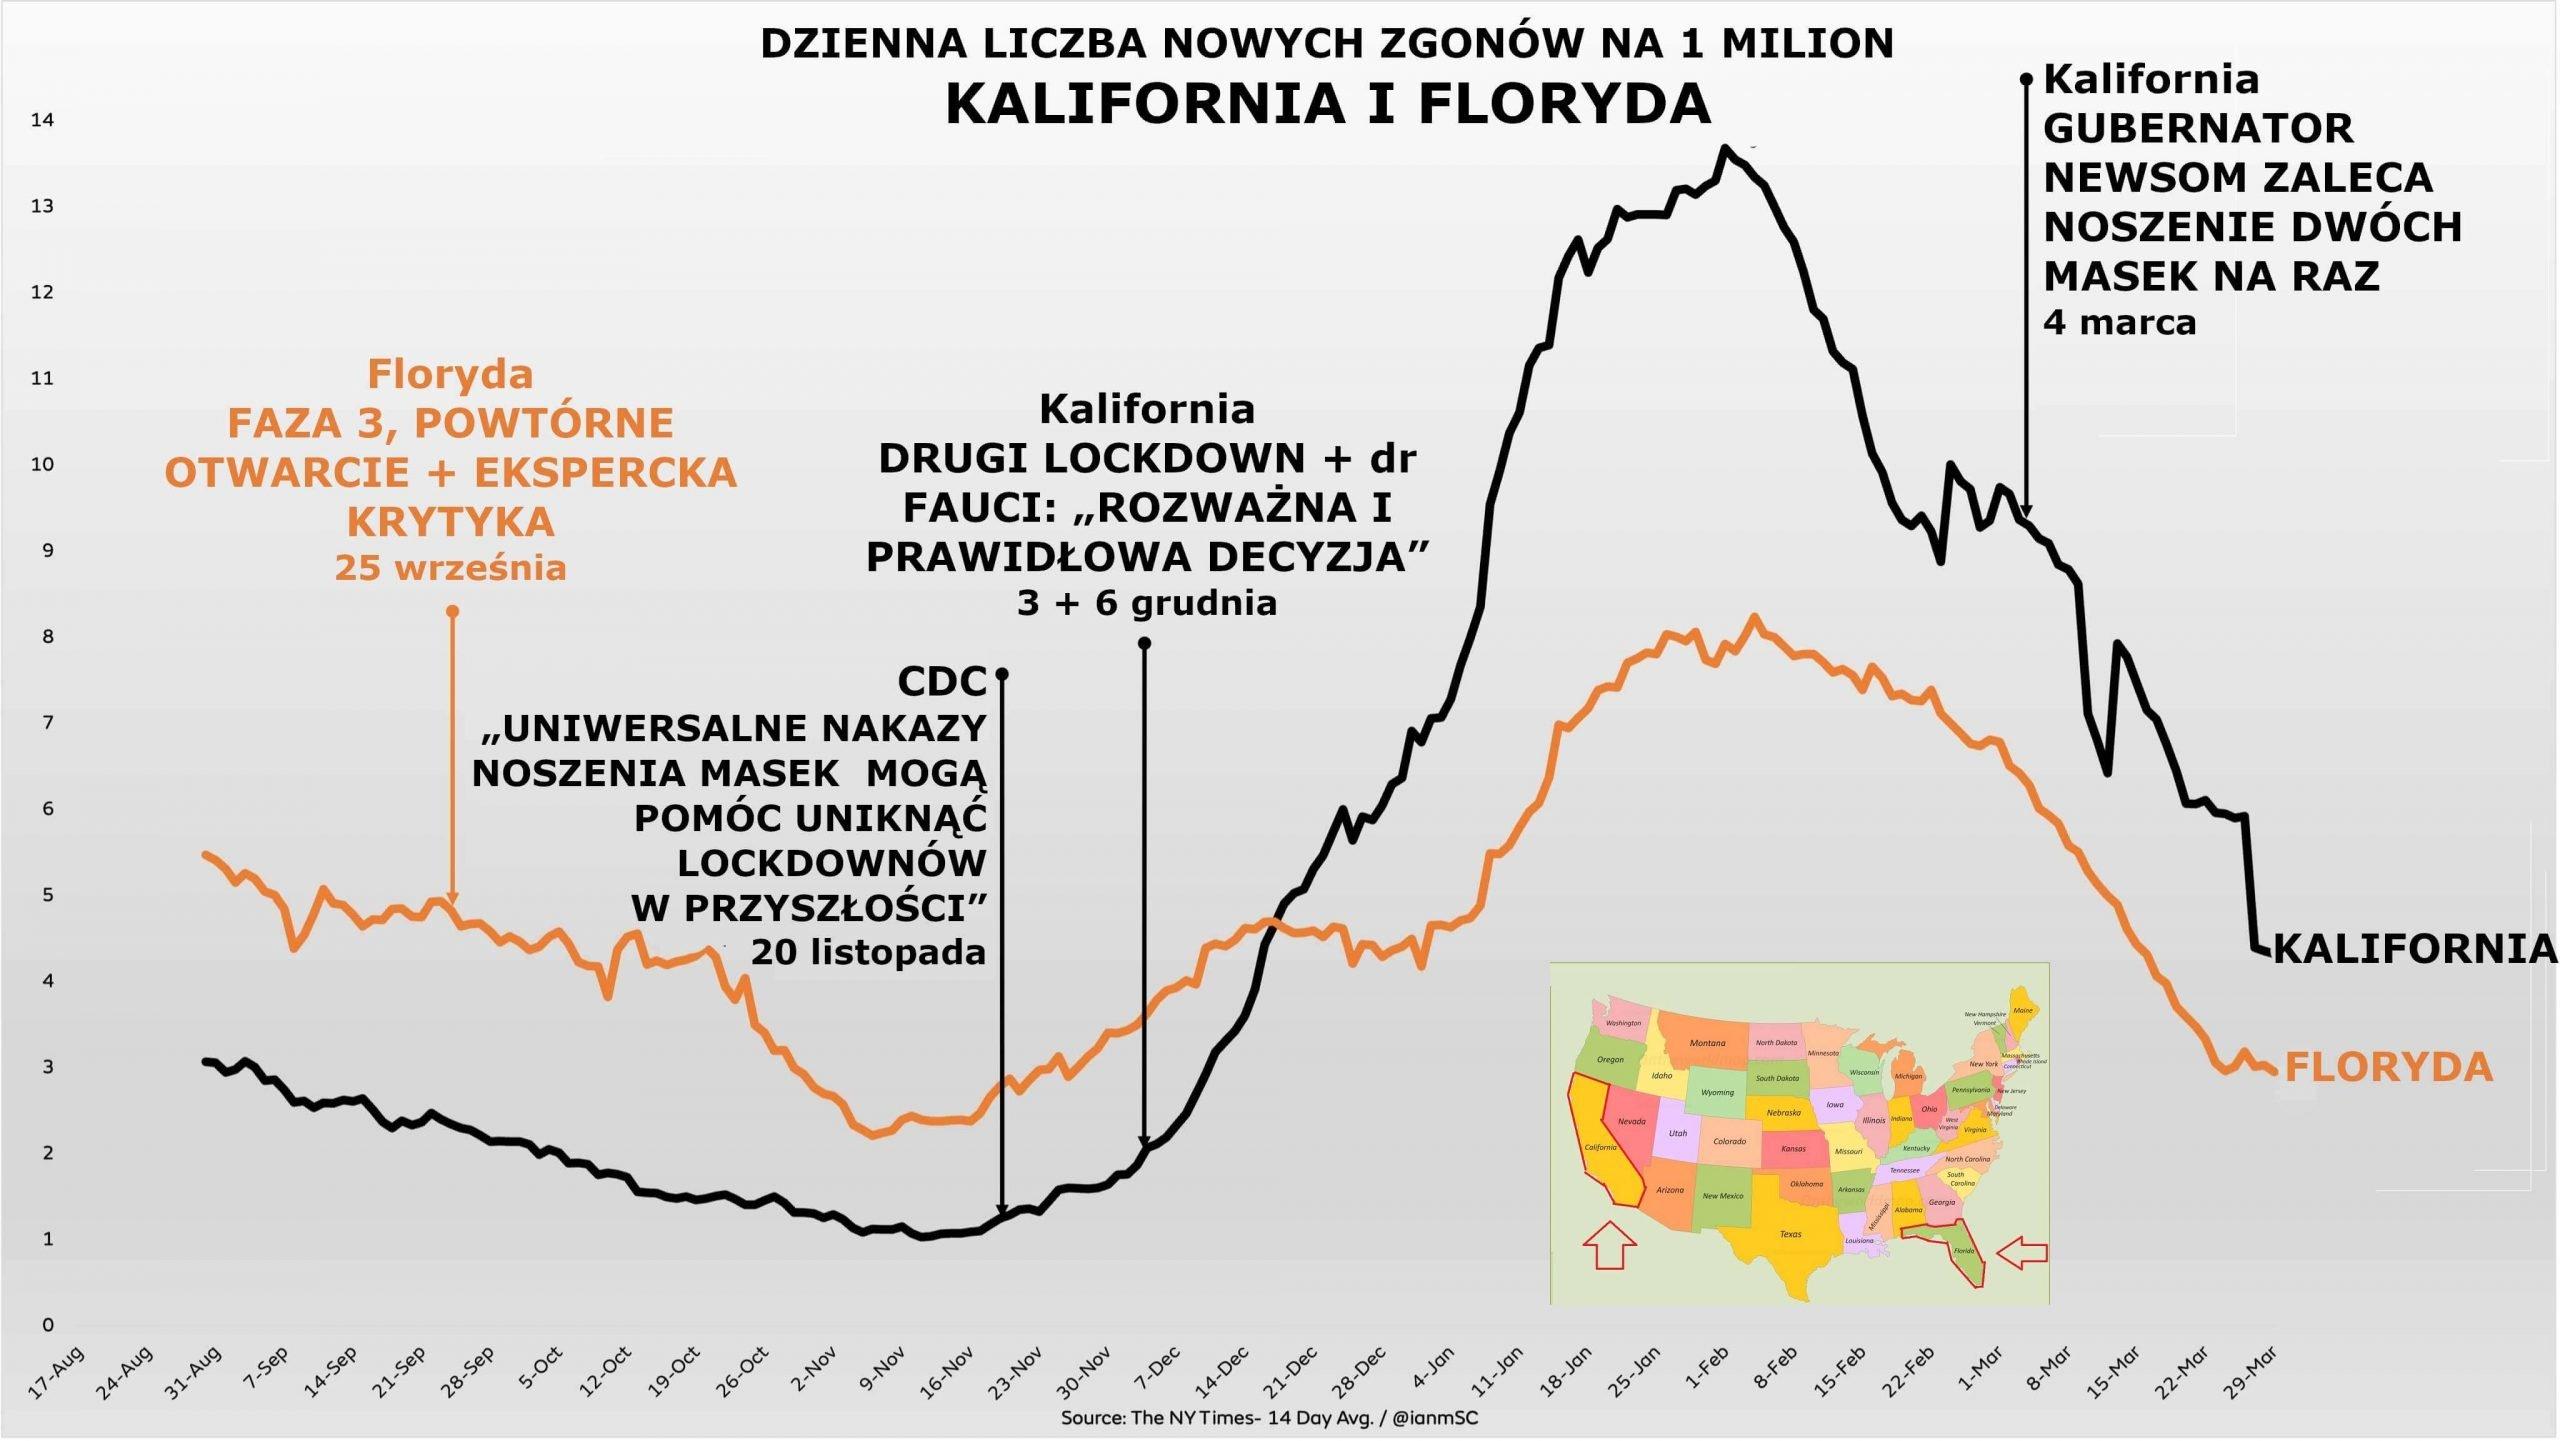 DZIENNA LICZBA NOWYCH ZGONÓW NA 1 MILION KALIFORNIA I FLORYDA